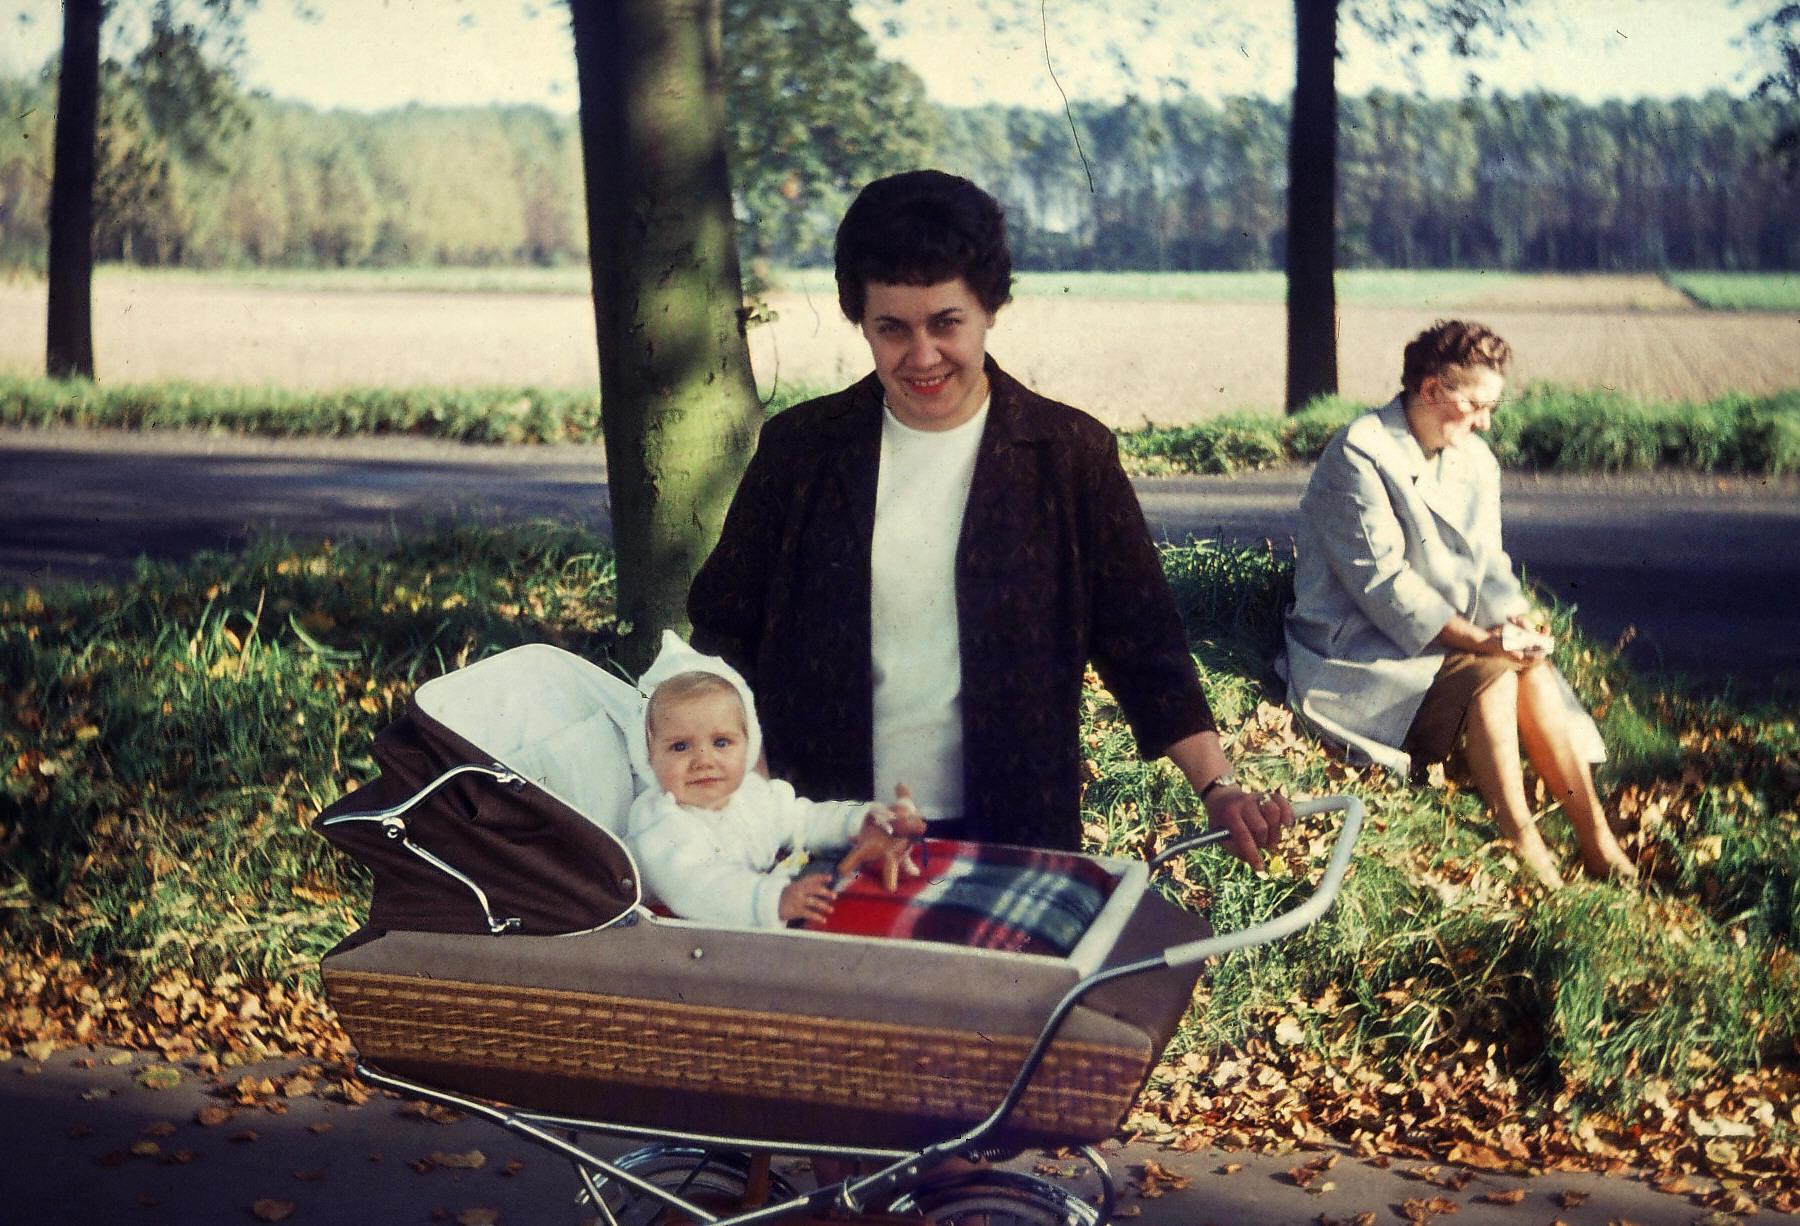 Oma im Hintergrund. Hier ging es ihr wohl auch nicht so gut. Bei mir steht meine Tante Anita, ihre Tochter.